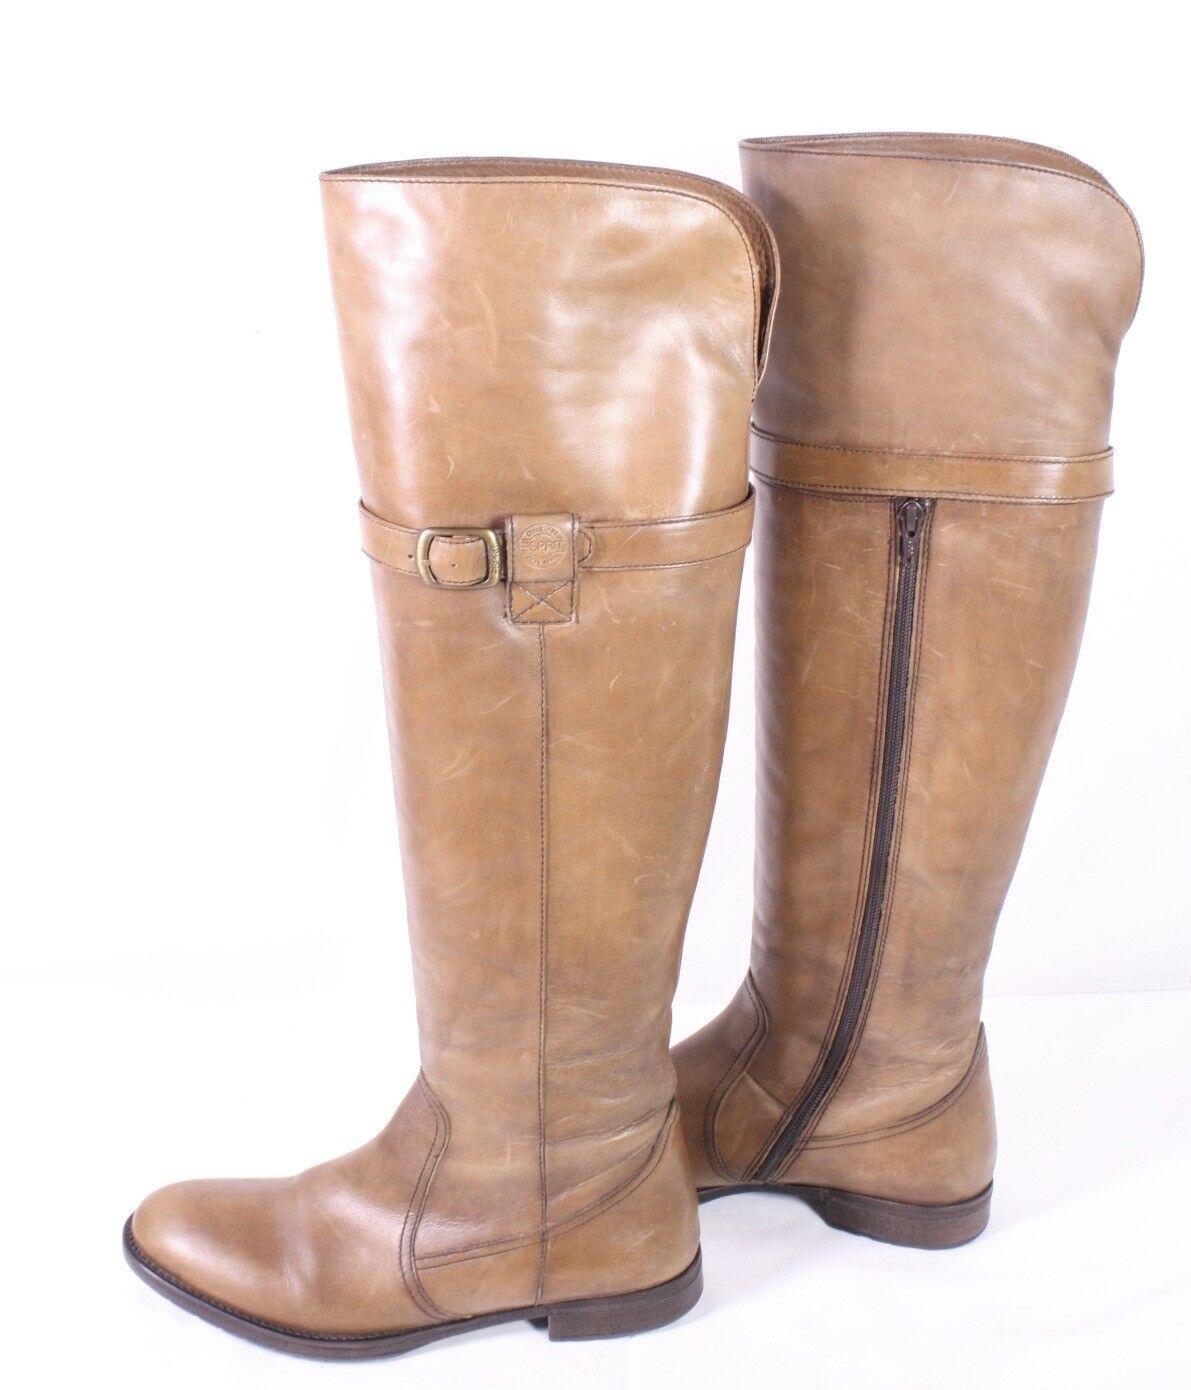 22s Esprit altas botas talla 39 tacón de cuero marrón jinete-Look plana